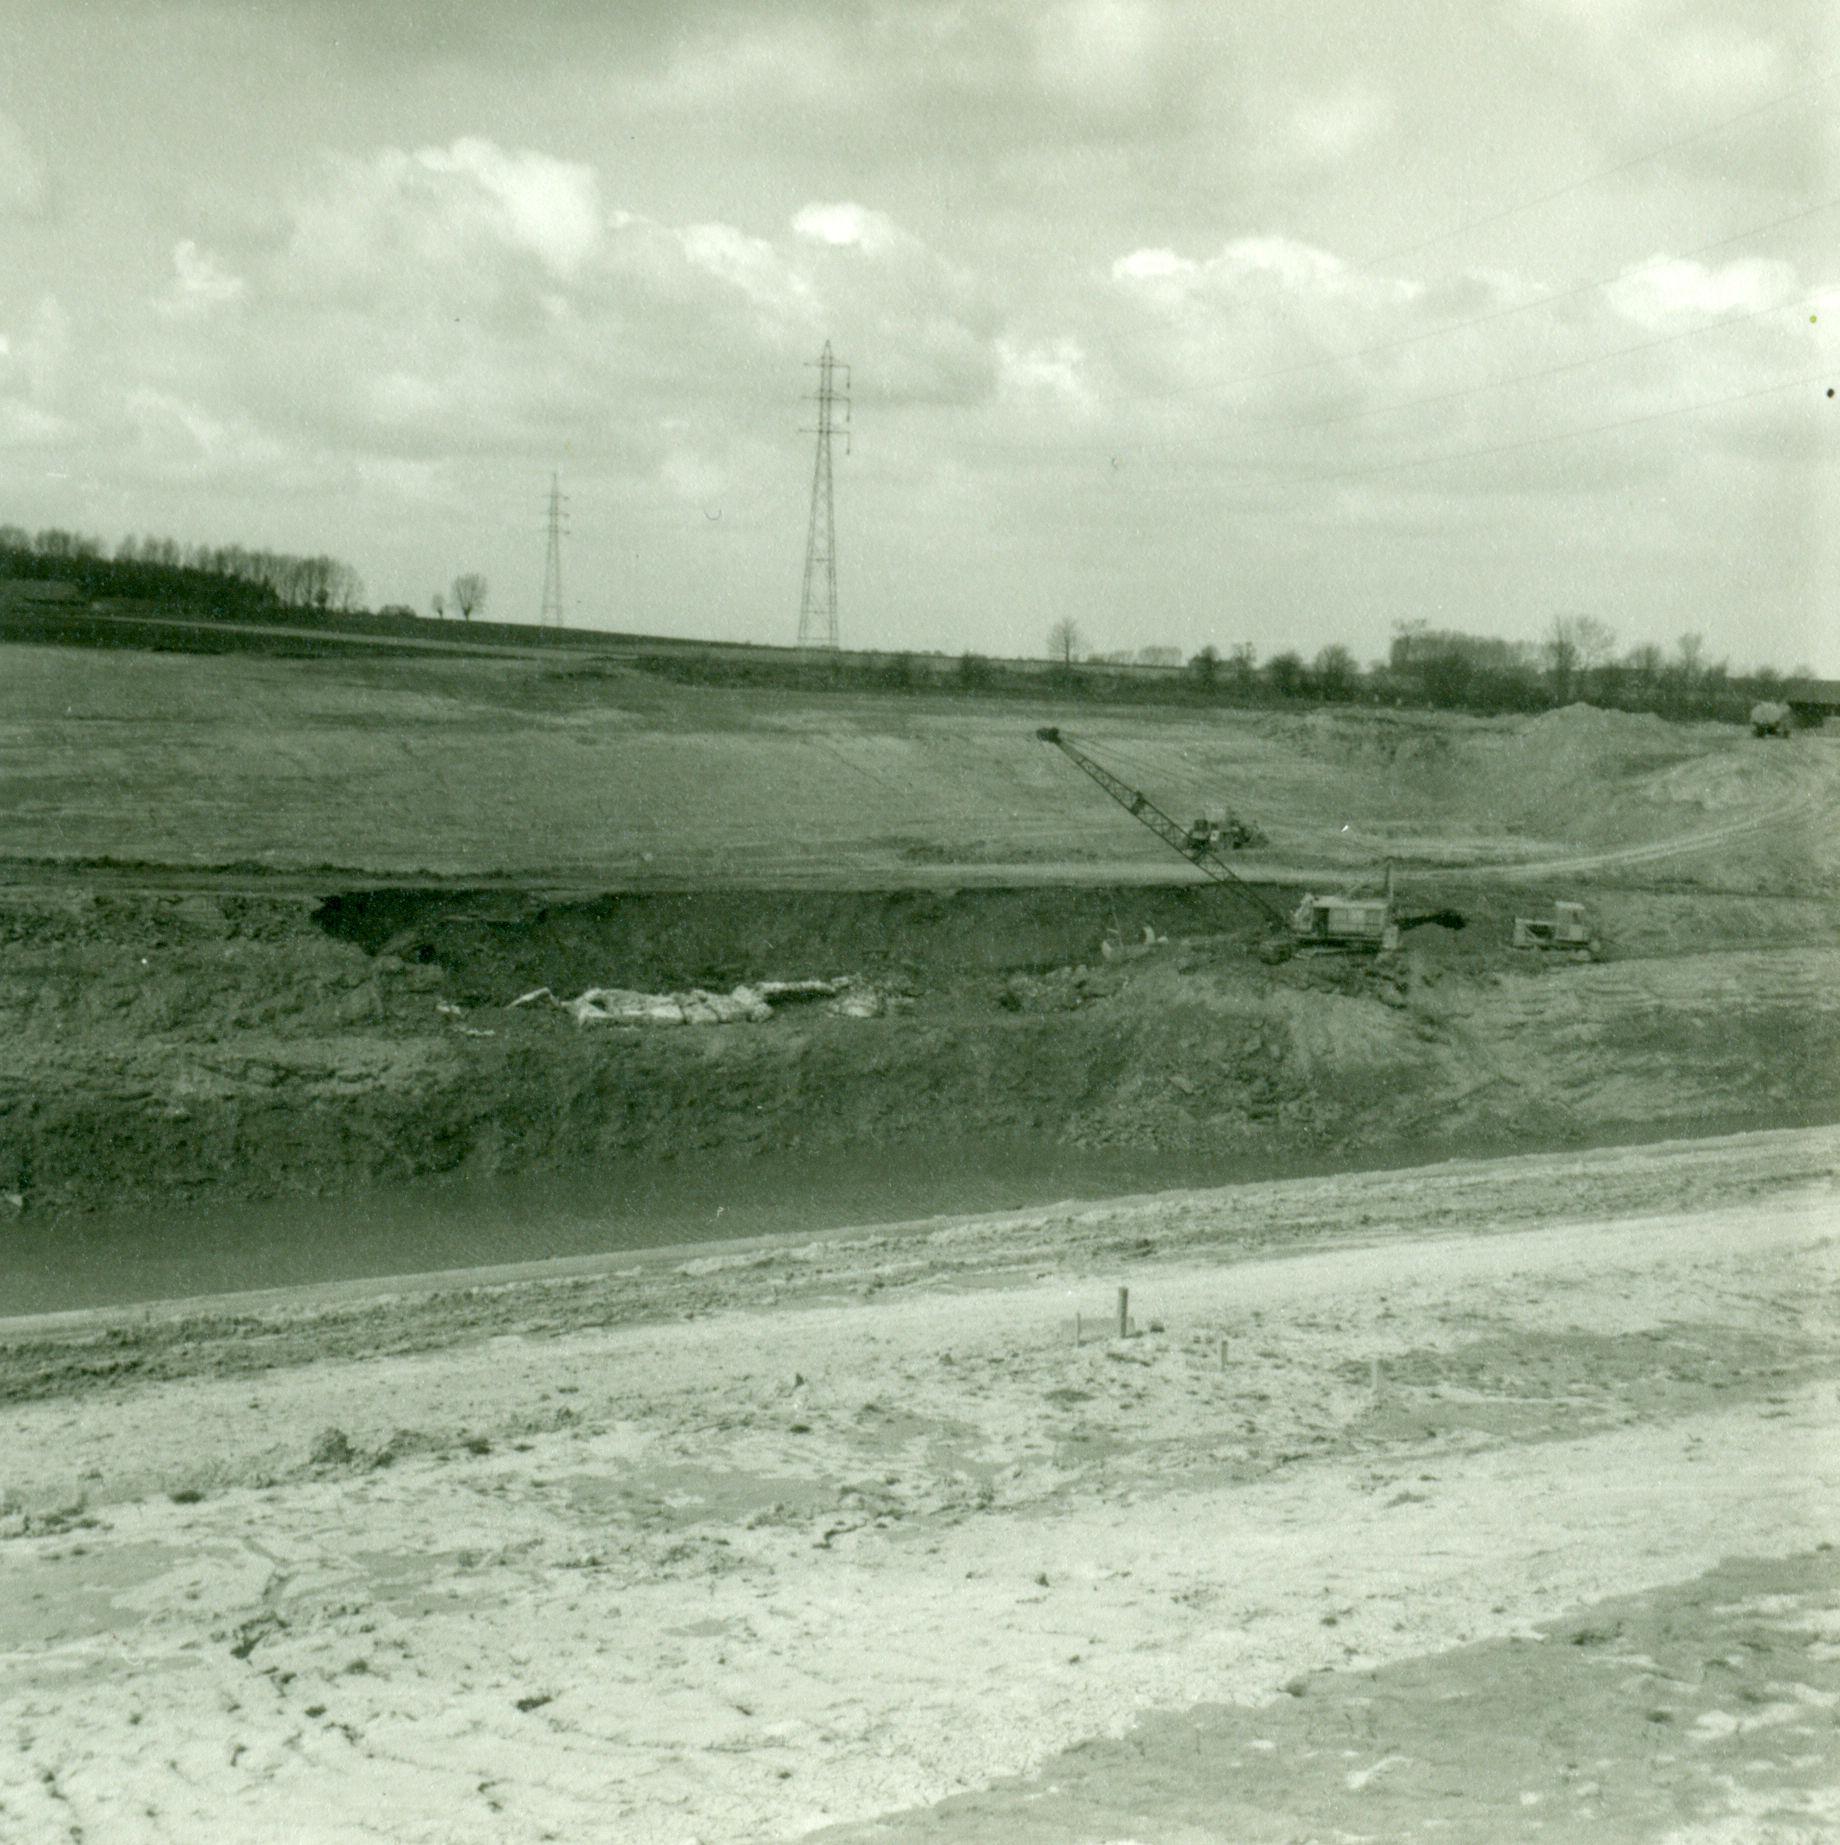 Graafwerken aan de heuvel en afbraak van de tunnel op het kanaal Bossuit-Kortrijk in Moen 1970-1973